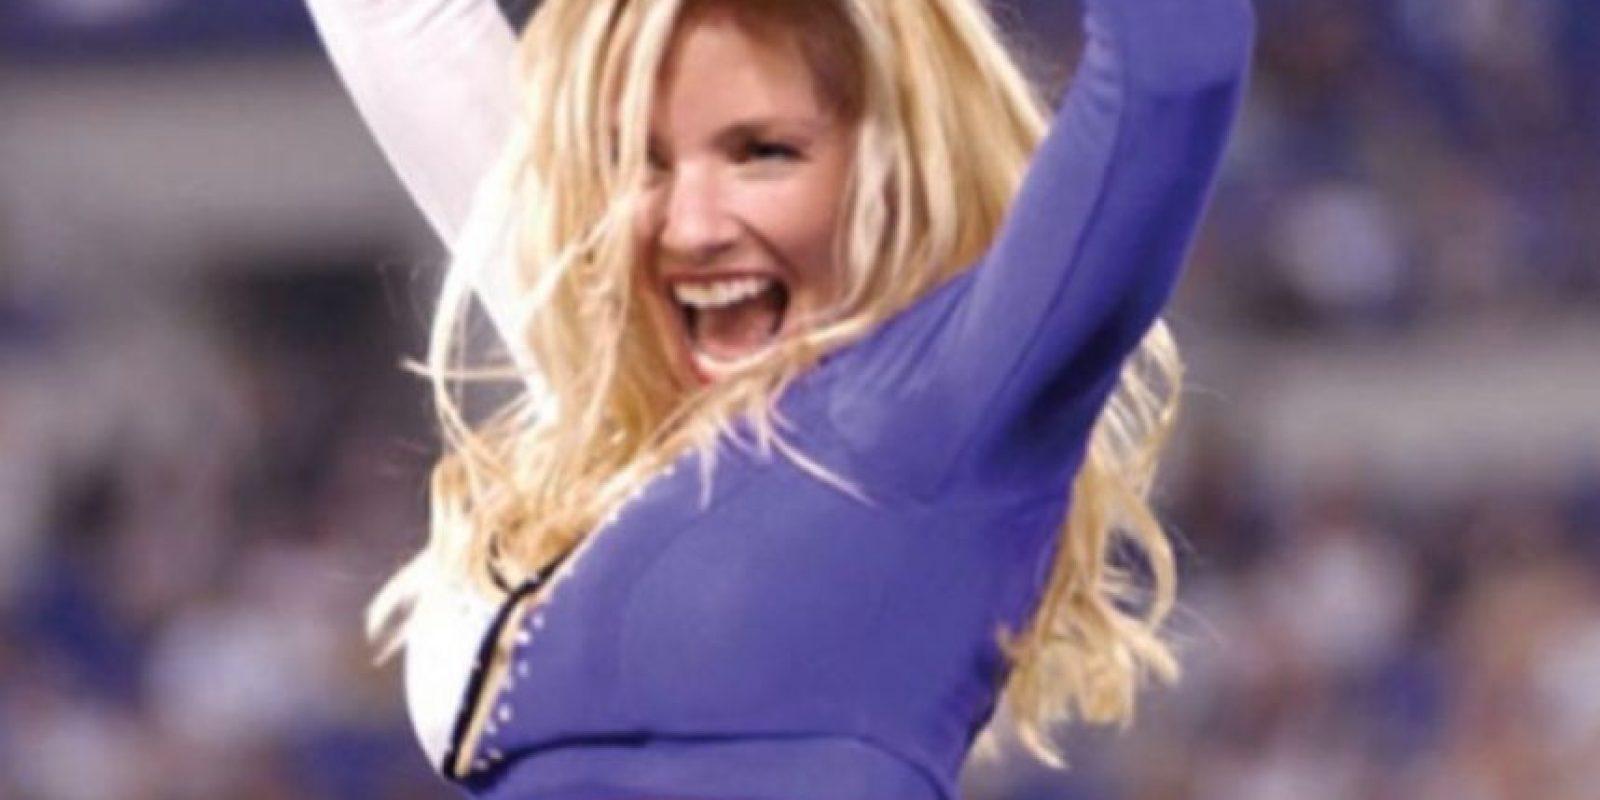 De acuerdo a los cargos, tuvo sexo oral en la vía pública con él Foto:Vía MollyShattuck.com